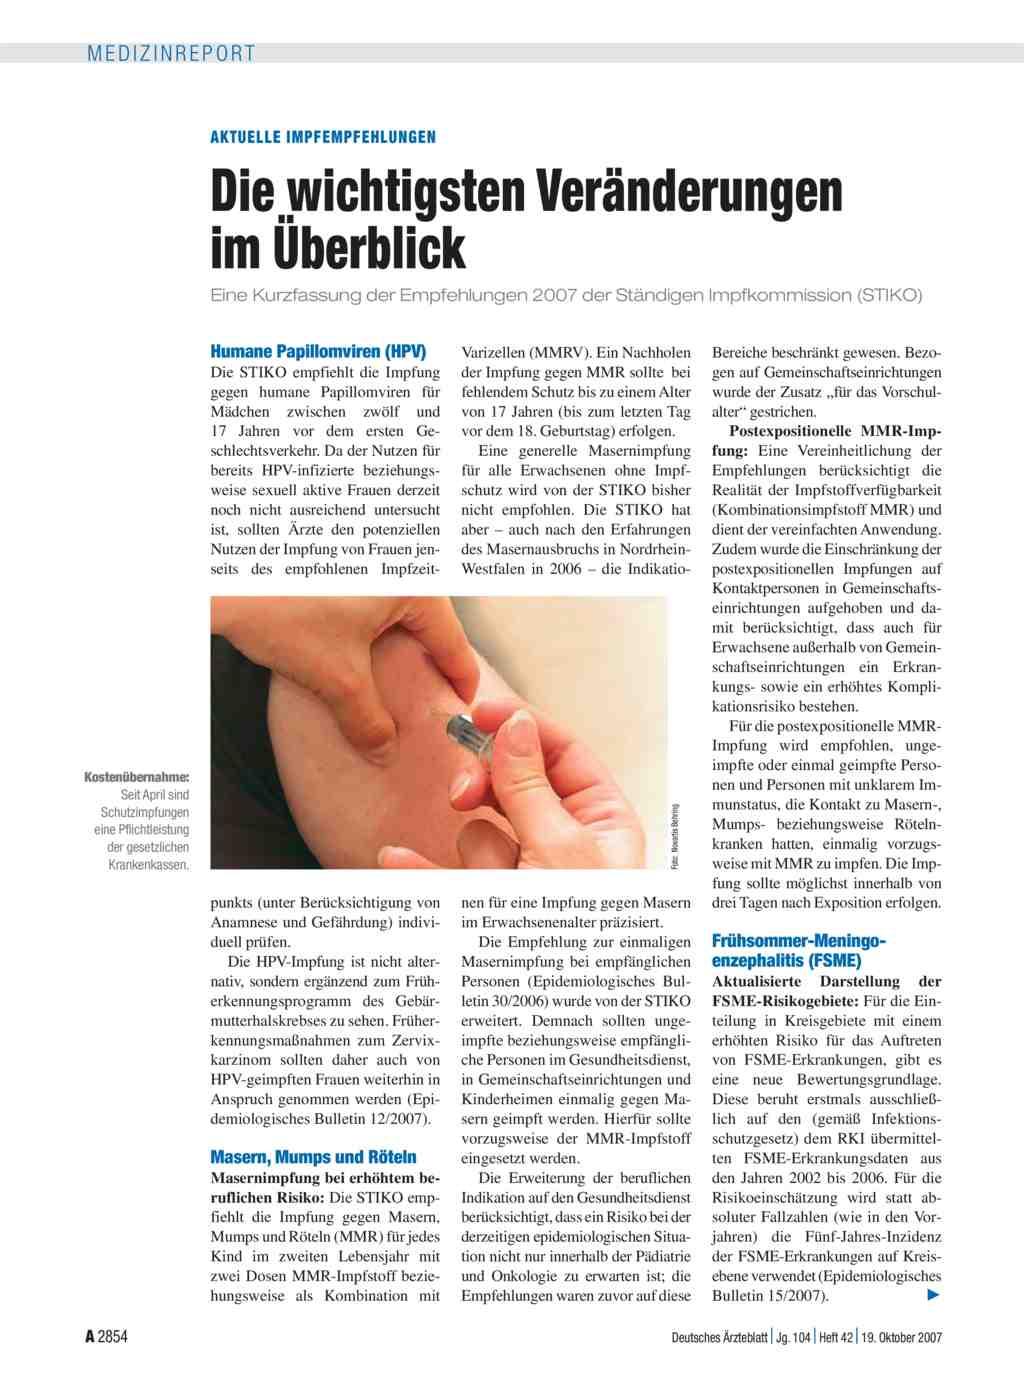 hpv impfung empfehlung módon féreghajtó gyógyszerek szoptató anyák számára